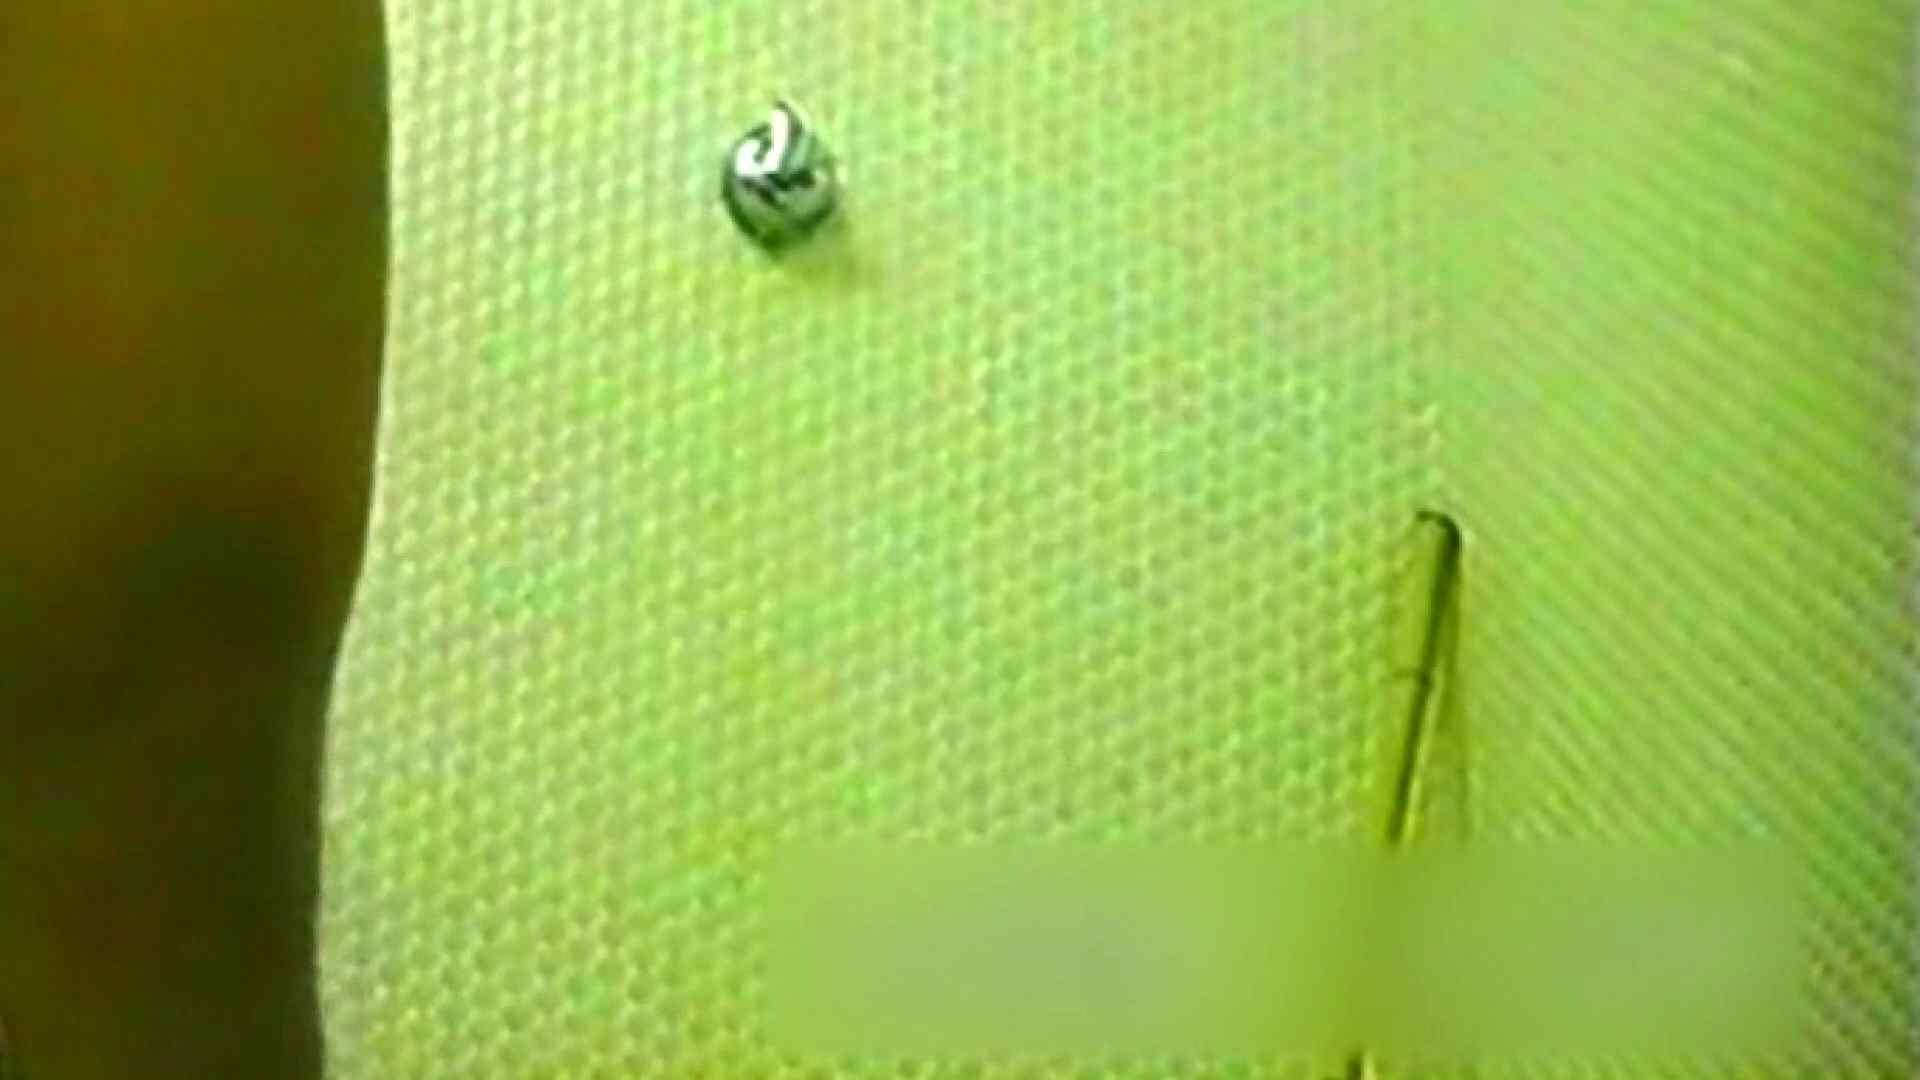 行くぜ!がっつり男風呂!Vol.05 裸男子 ゲイモロ見え画像 97枚 68